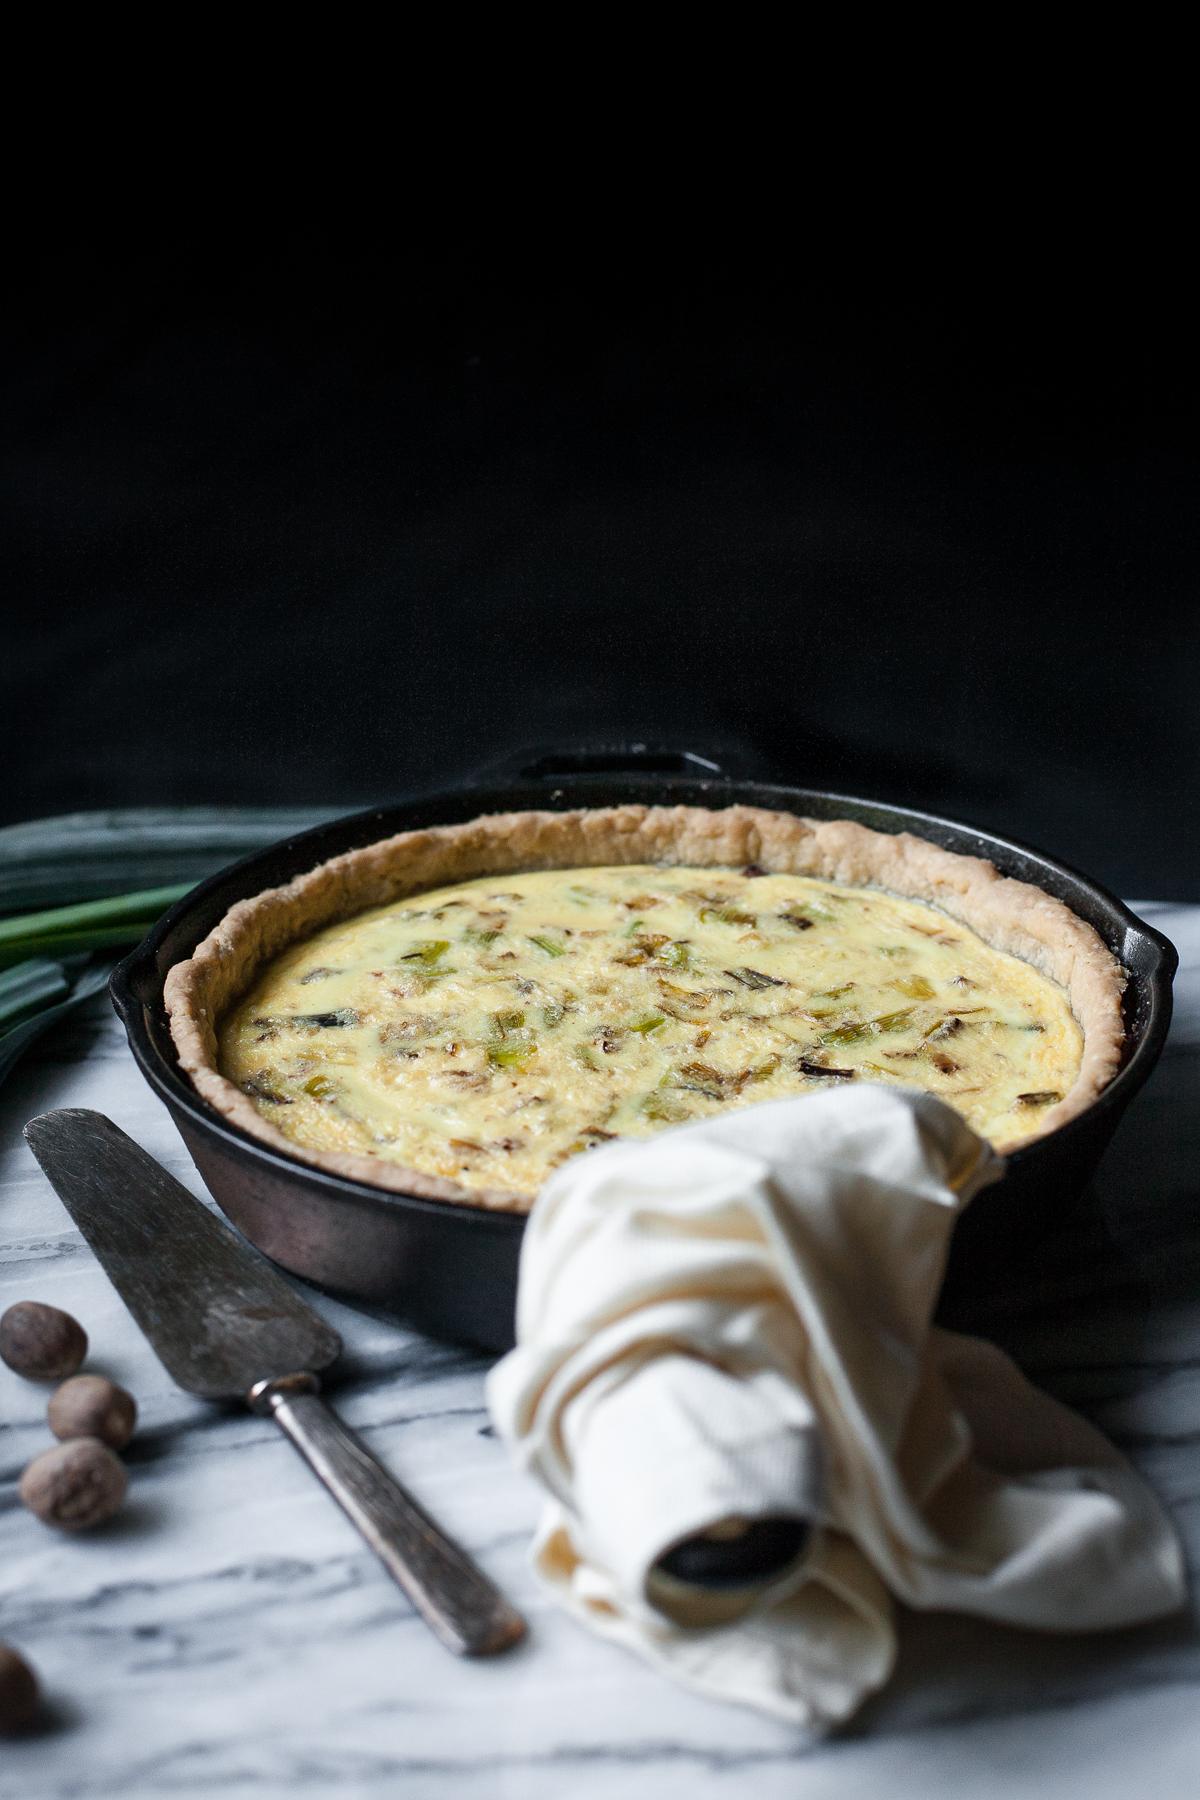 Gluten-free Quiche Lorraine with Leeks